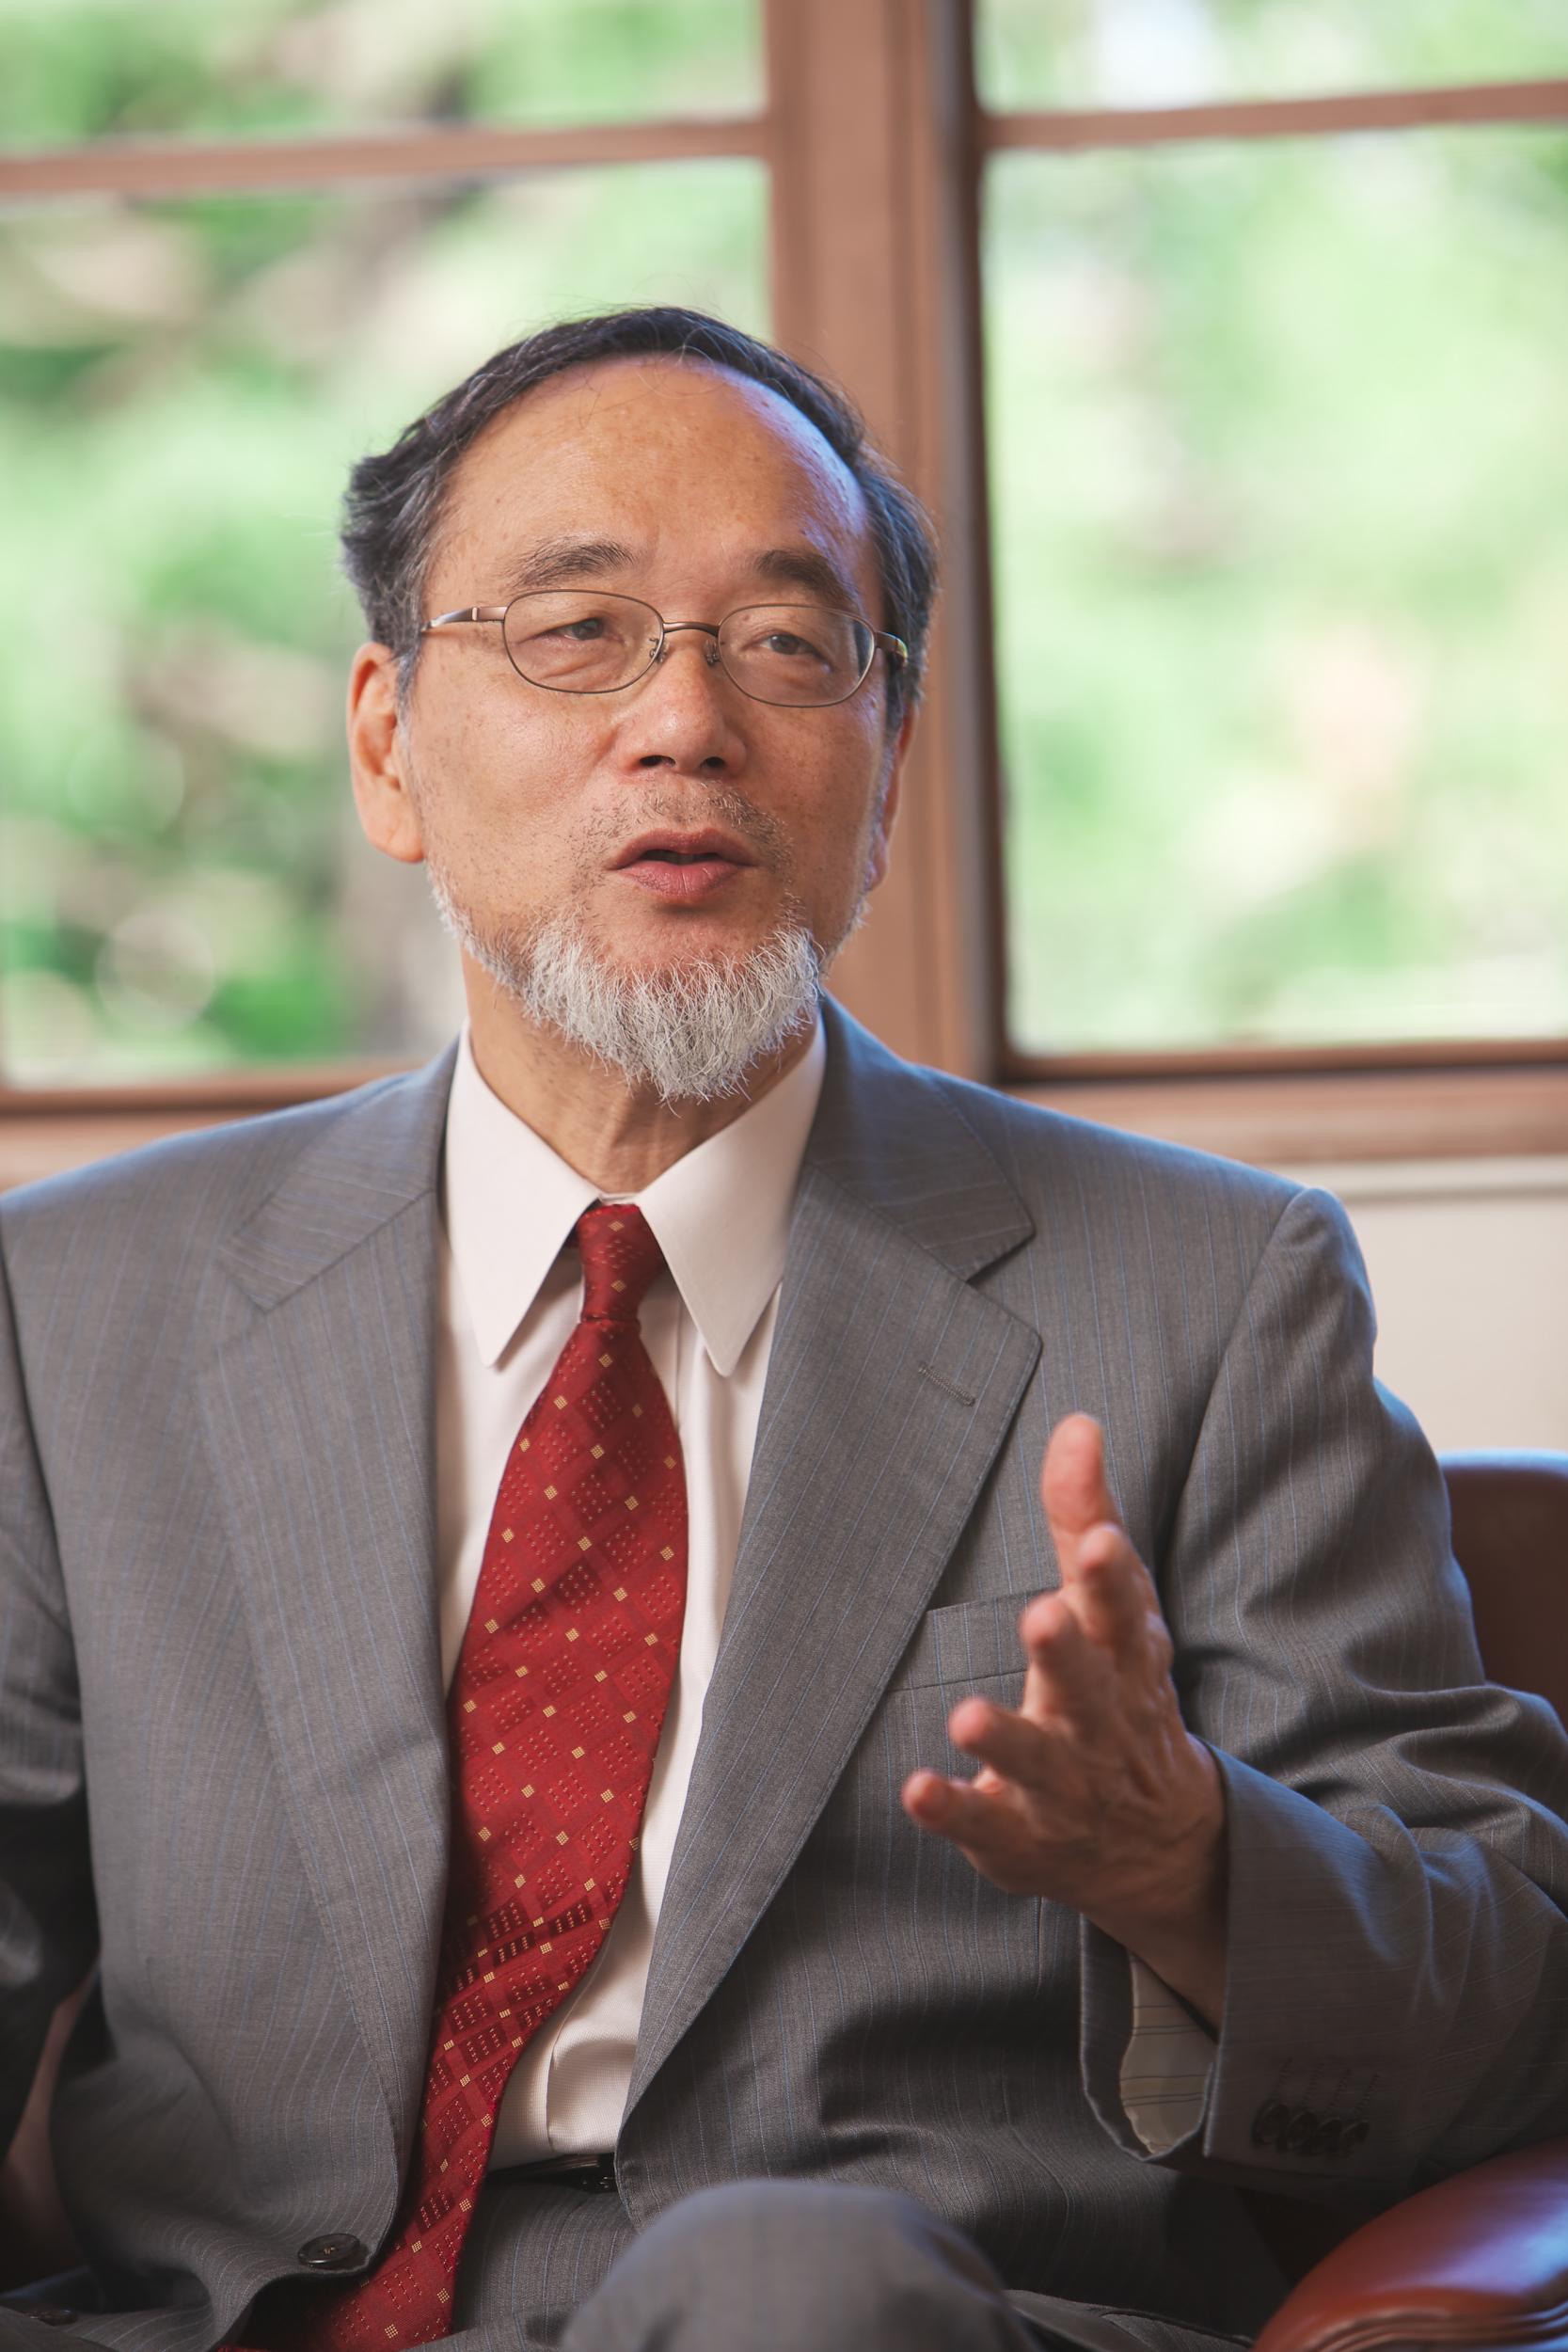 prof. shiomi